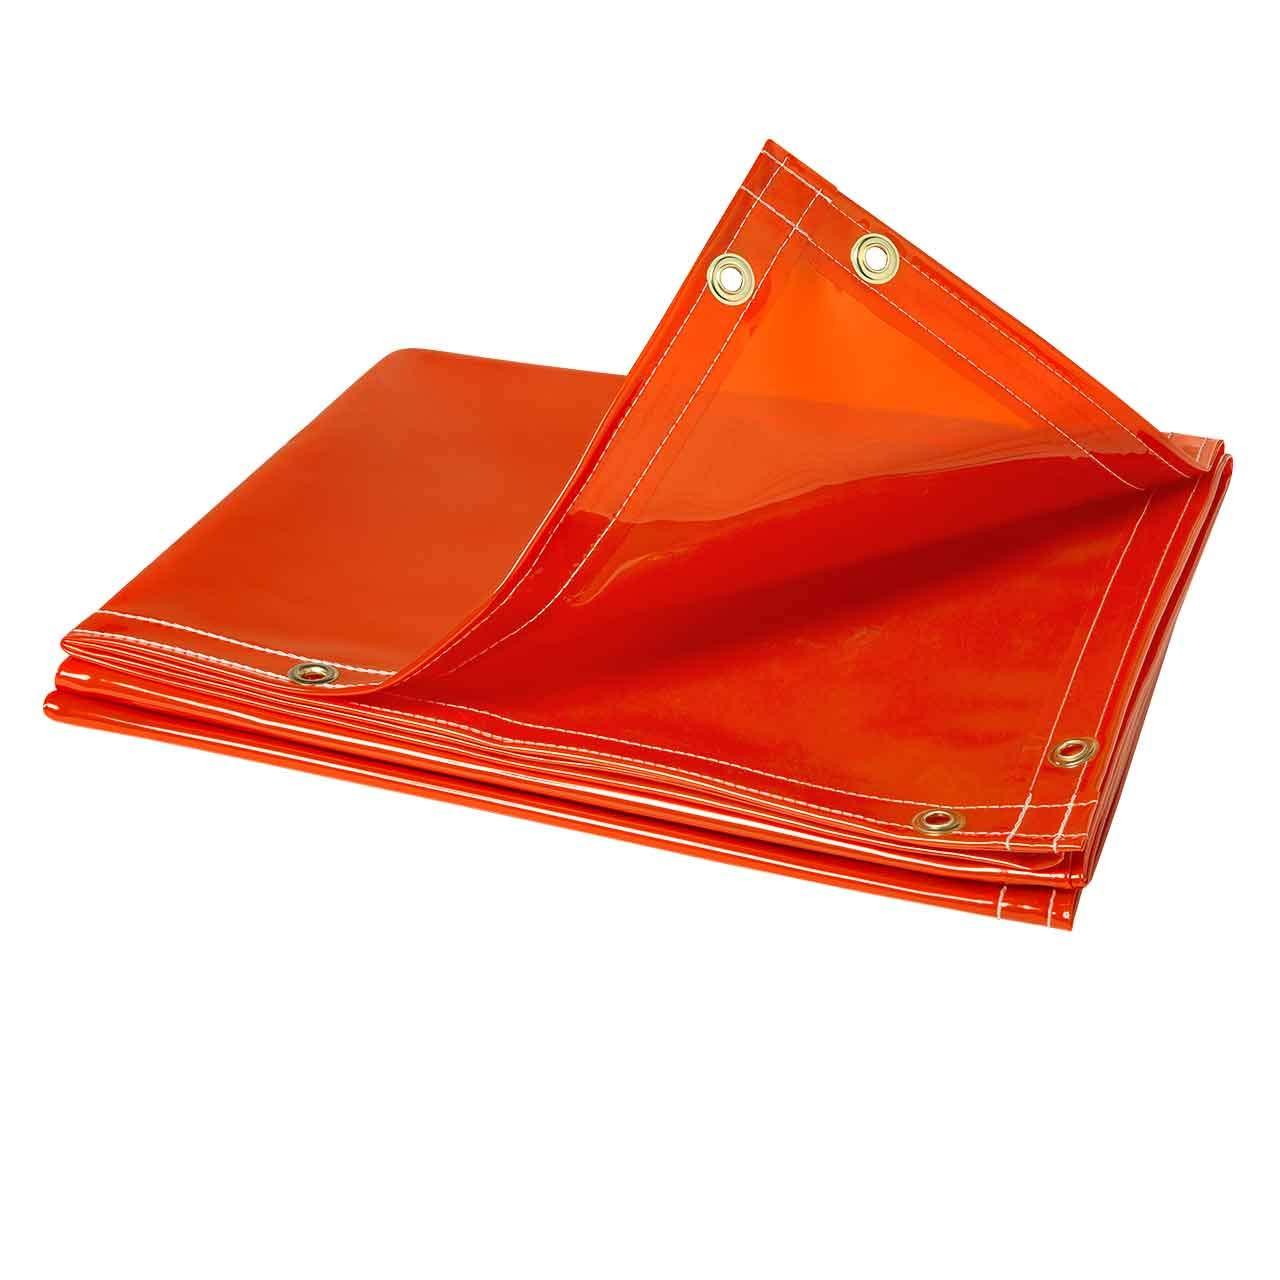 Steiner 338-6X8 ArcView 14 mm Flame Retardant Orange Tinted Transparent Vinyl Welding Curtain, 6' x 8' by Steiner